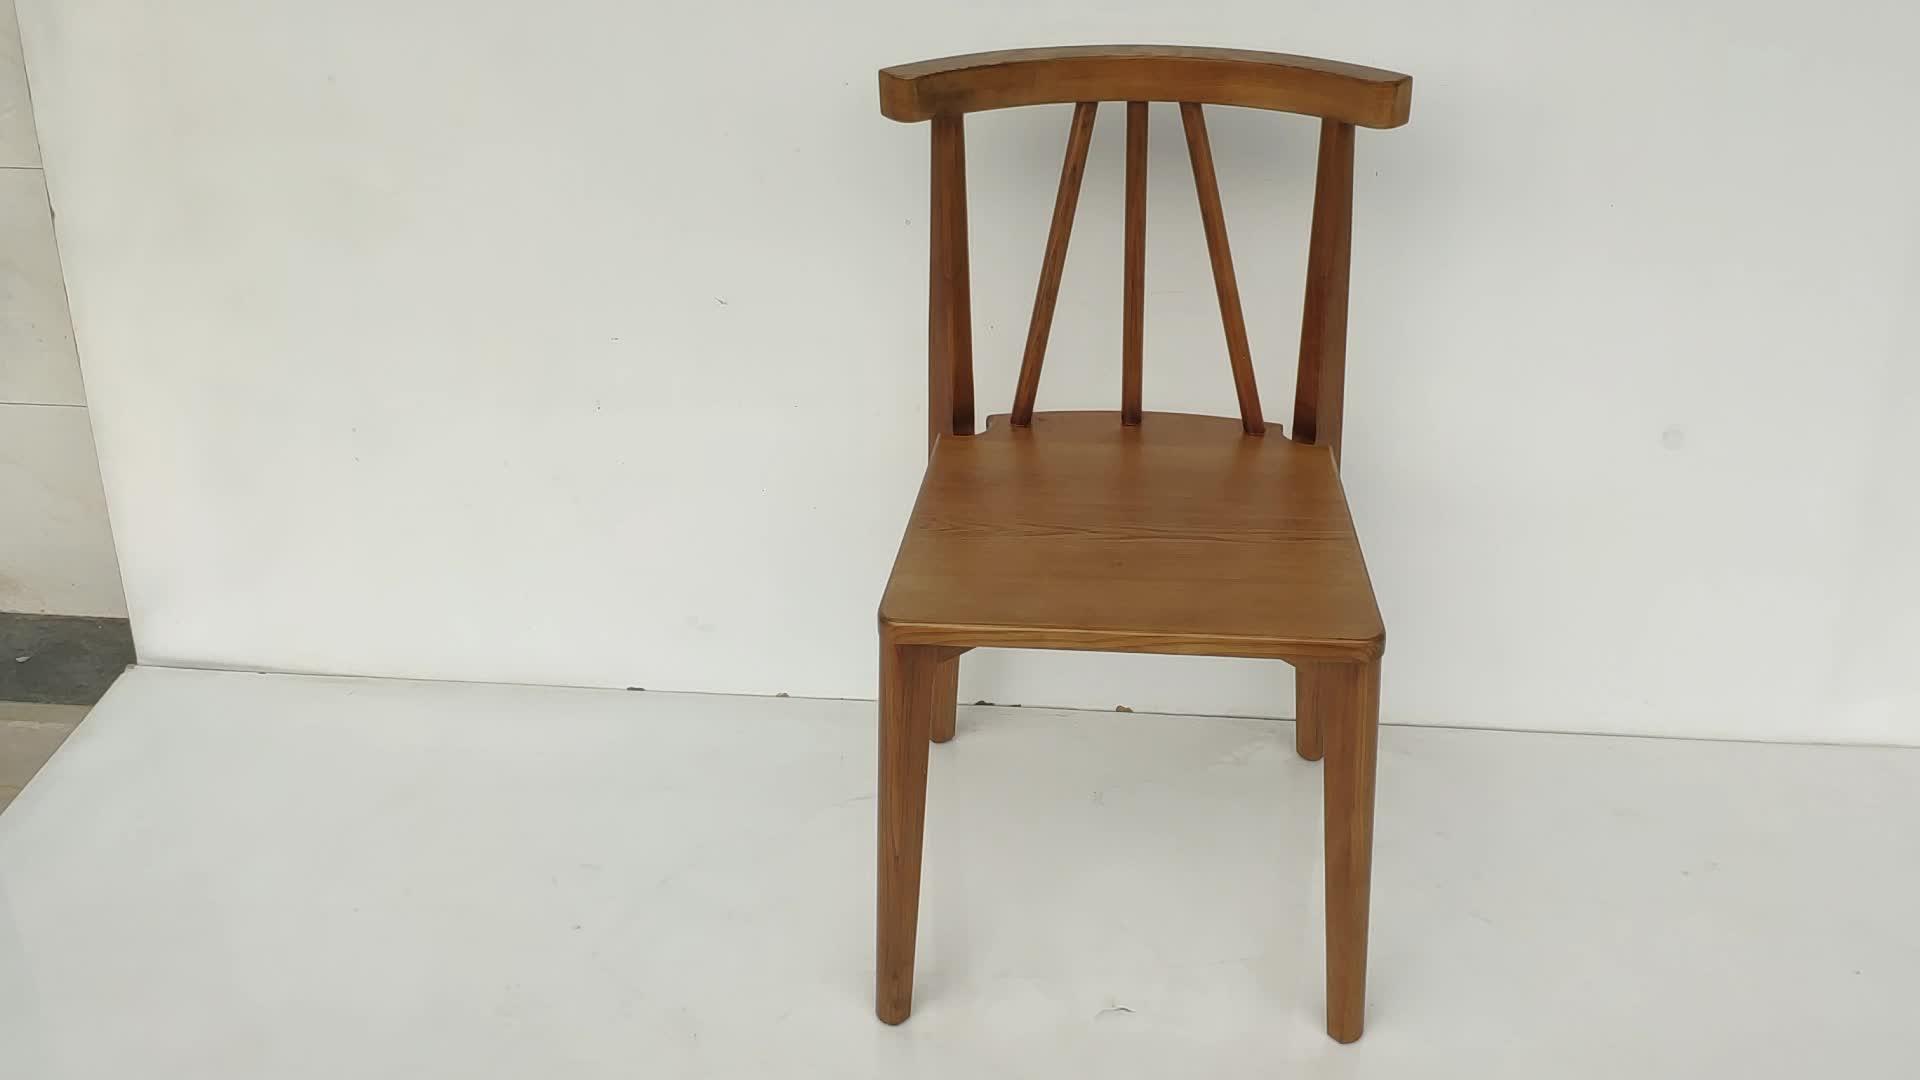 Vietnam fábrica personalizar muebles para el hogar moderno comedor silla de madera